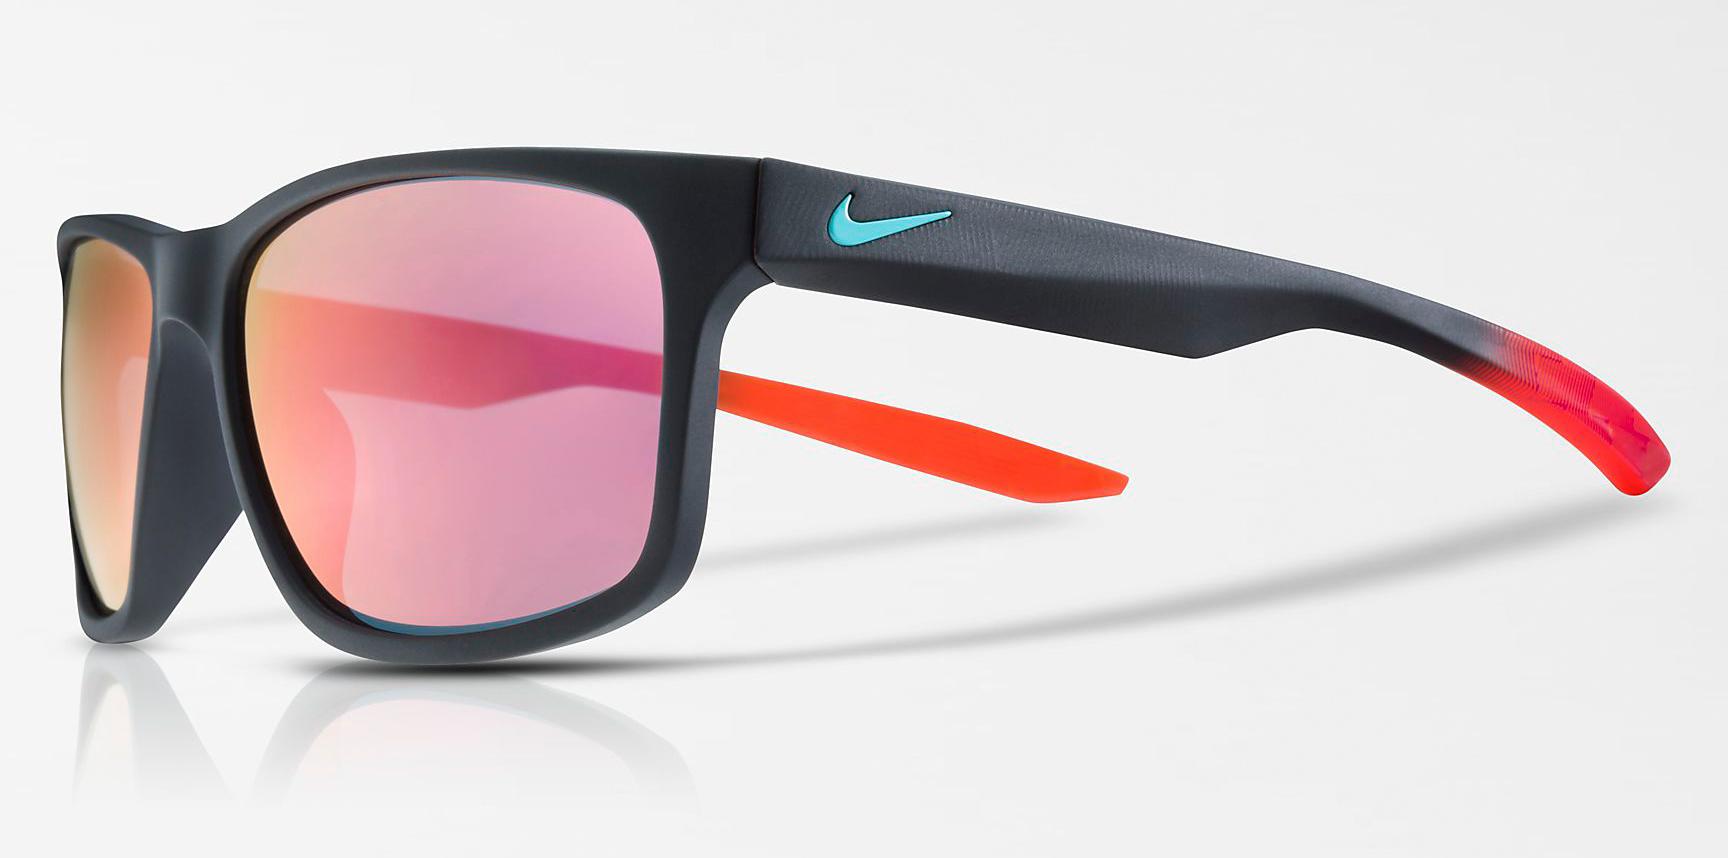 nike-air-max-97-south-beach-sunglasses-match-1